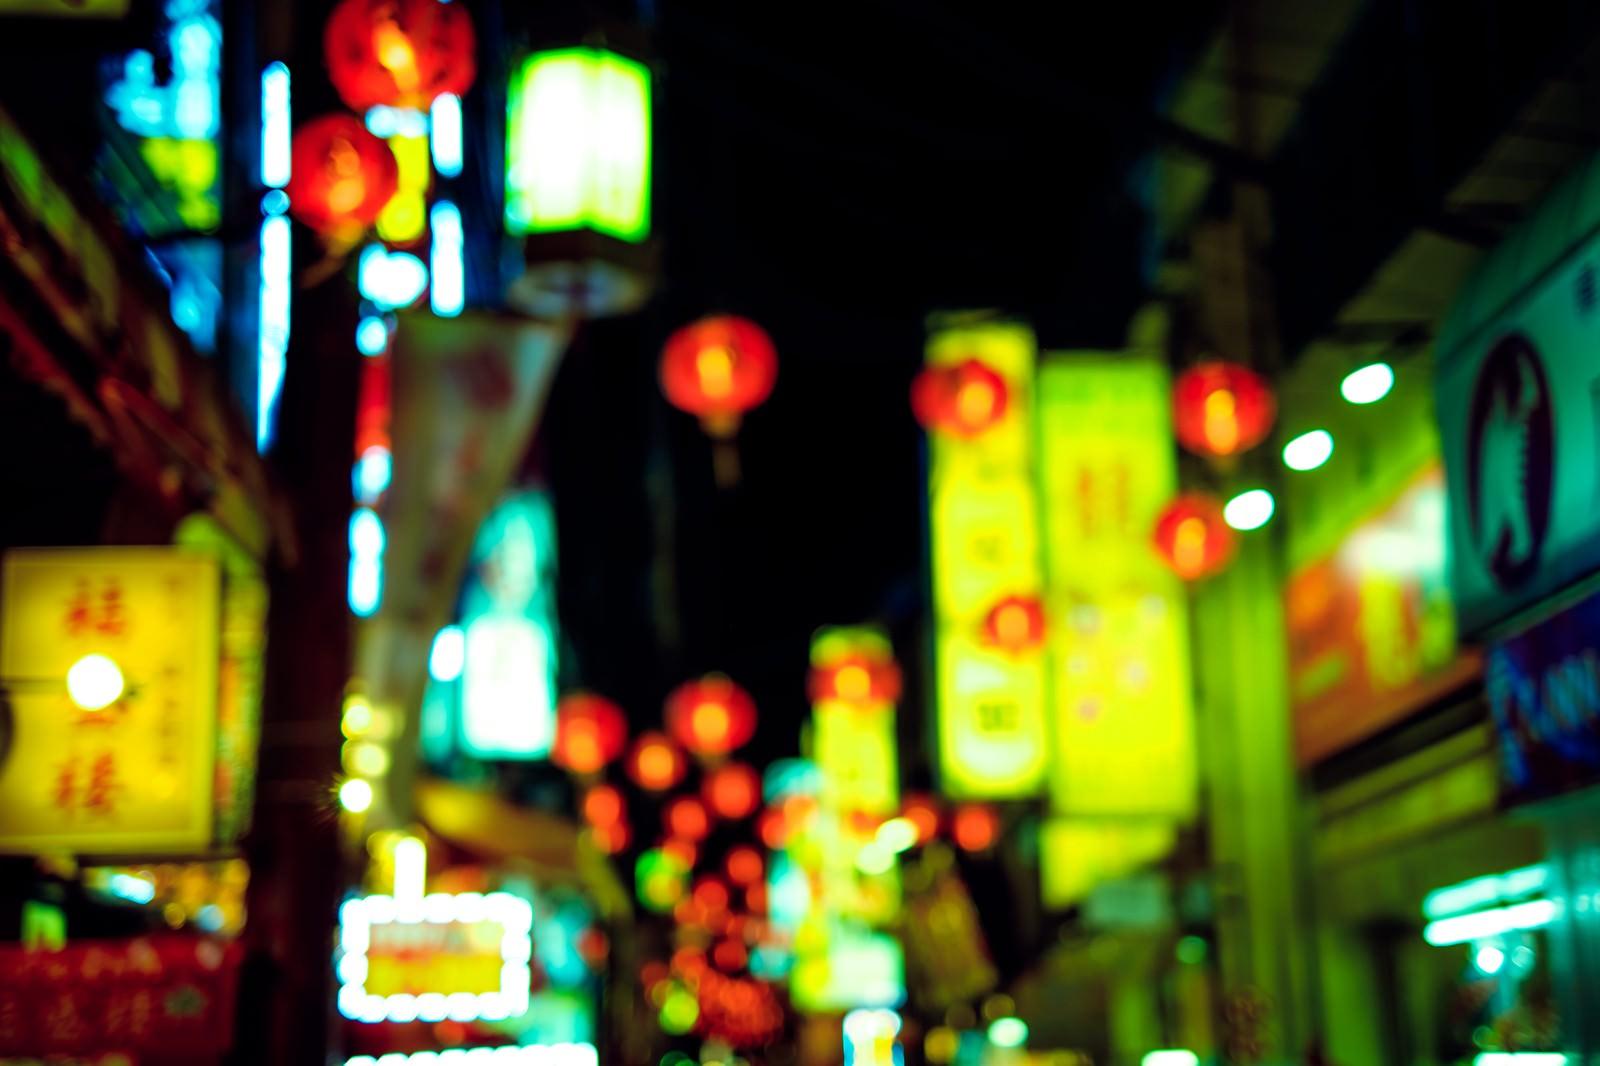 「夜の繁華街の看板夜の繁華街の看板」のフリー写真素材を拡大